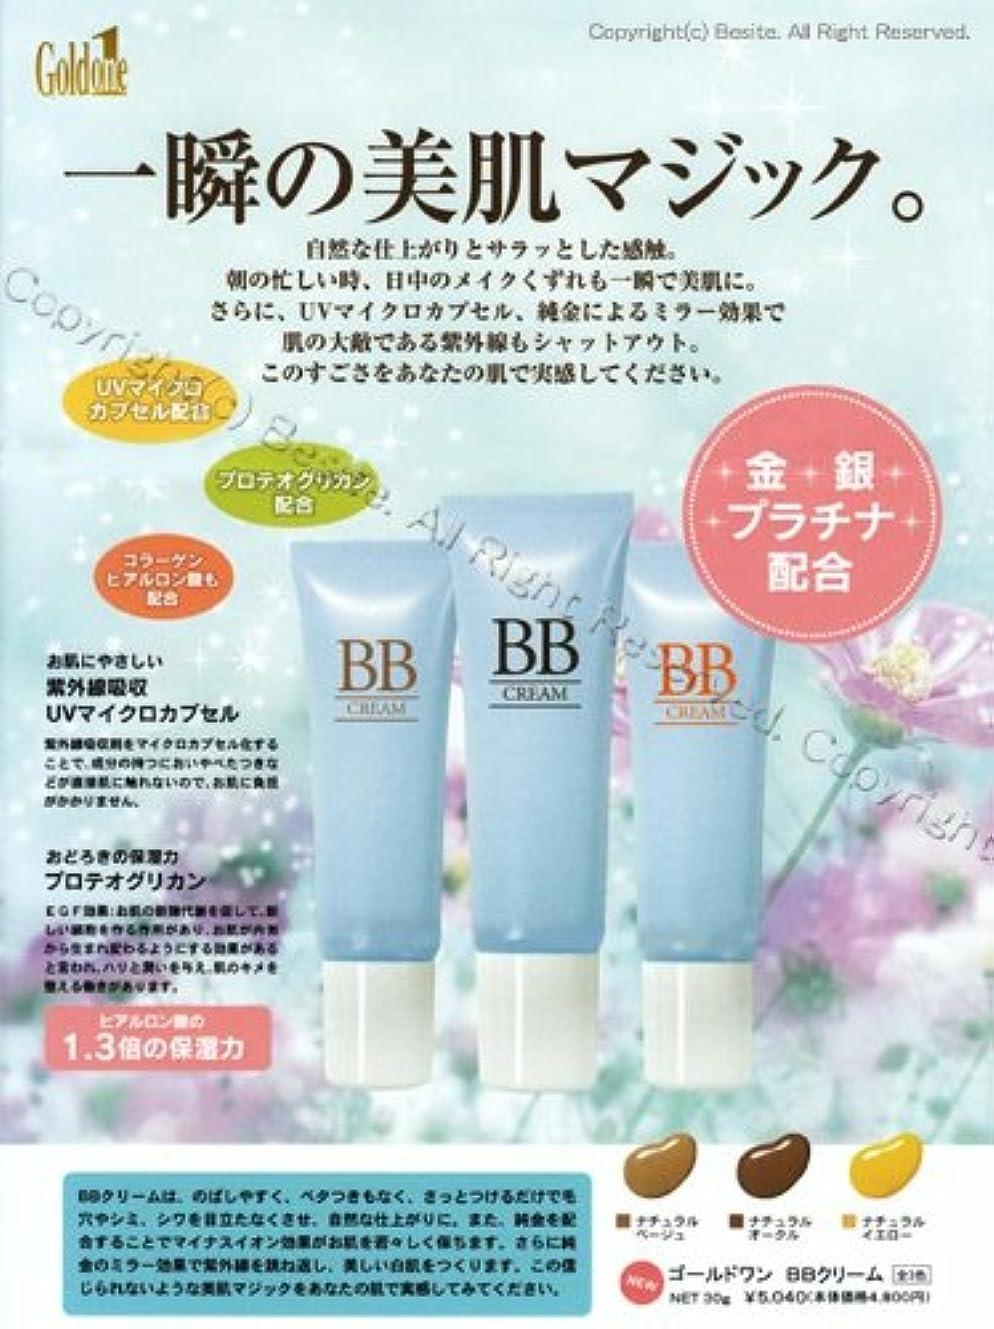 外部潜在的な理容師『 ゴールドワン BBクリーム 』 一瞬の美肌マジック!100% 無添加  ?日本製? (ナチュラルベージュ)